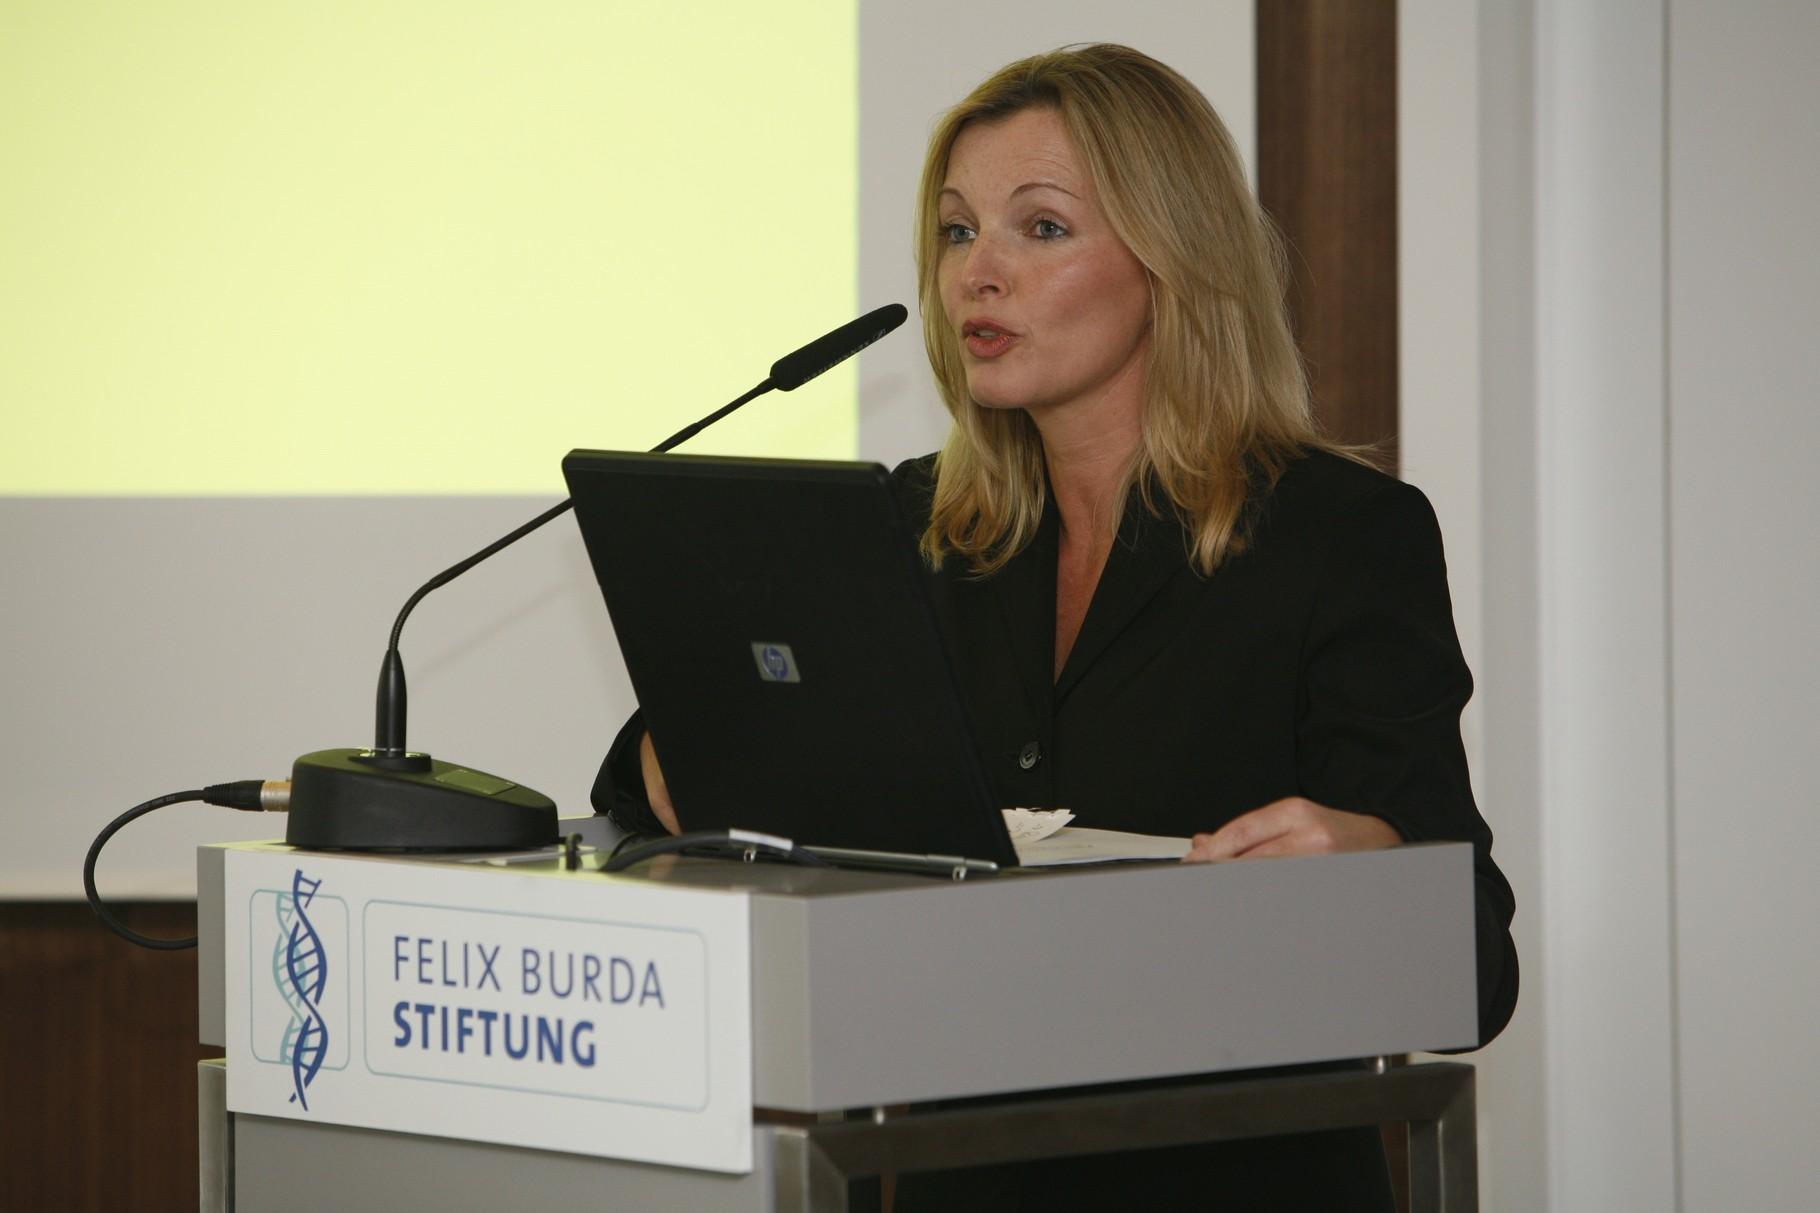 """Pressekonferenz der Felix Burda Stiftung zur Eröffnung des """"Darmkrebsmonat März"""""""